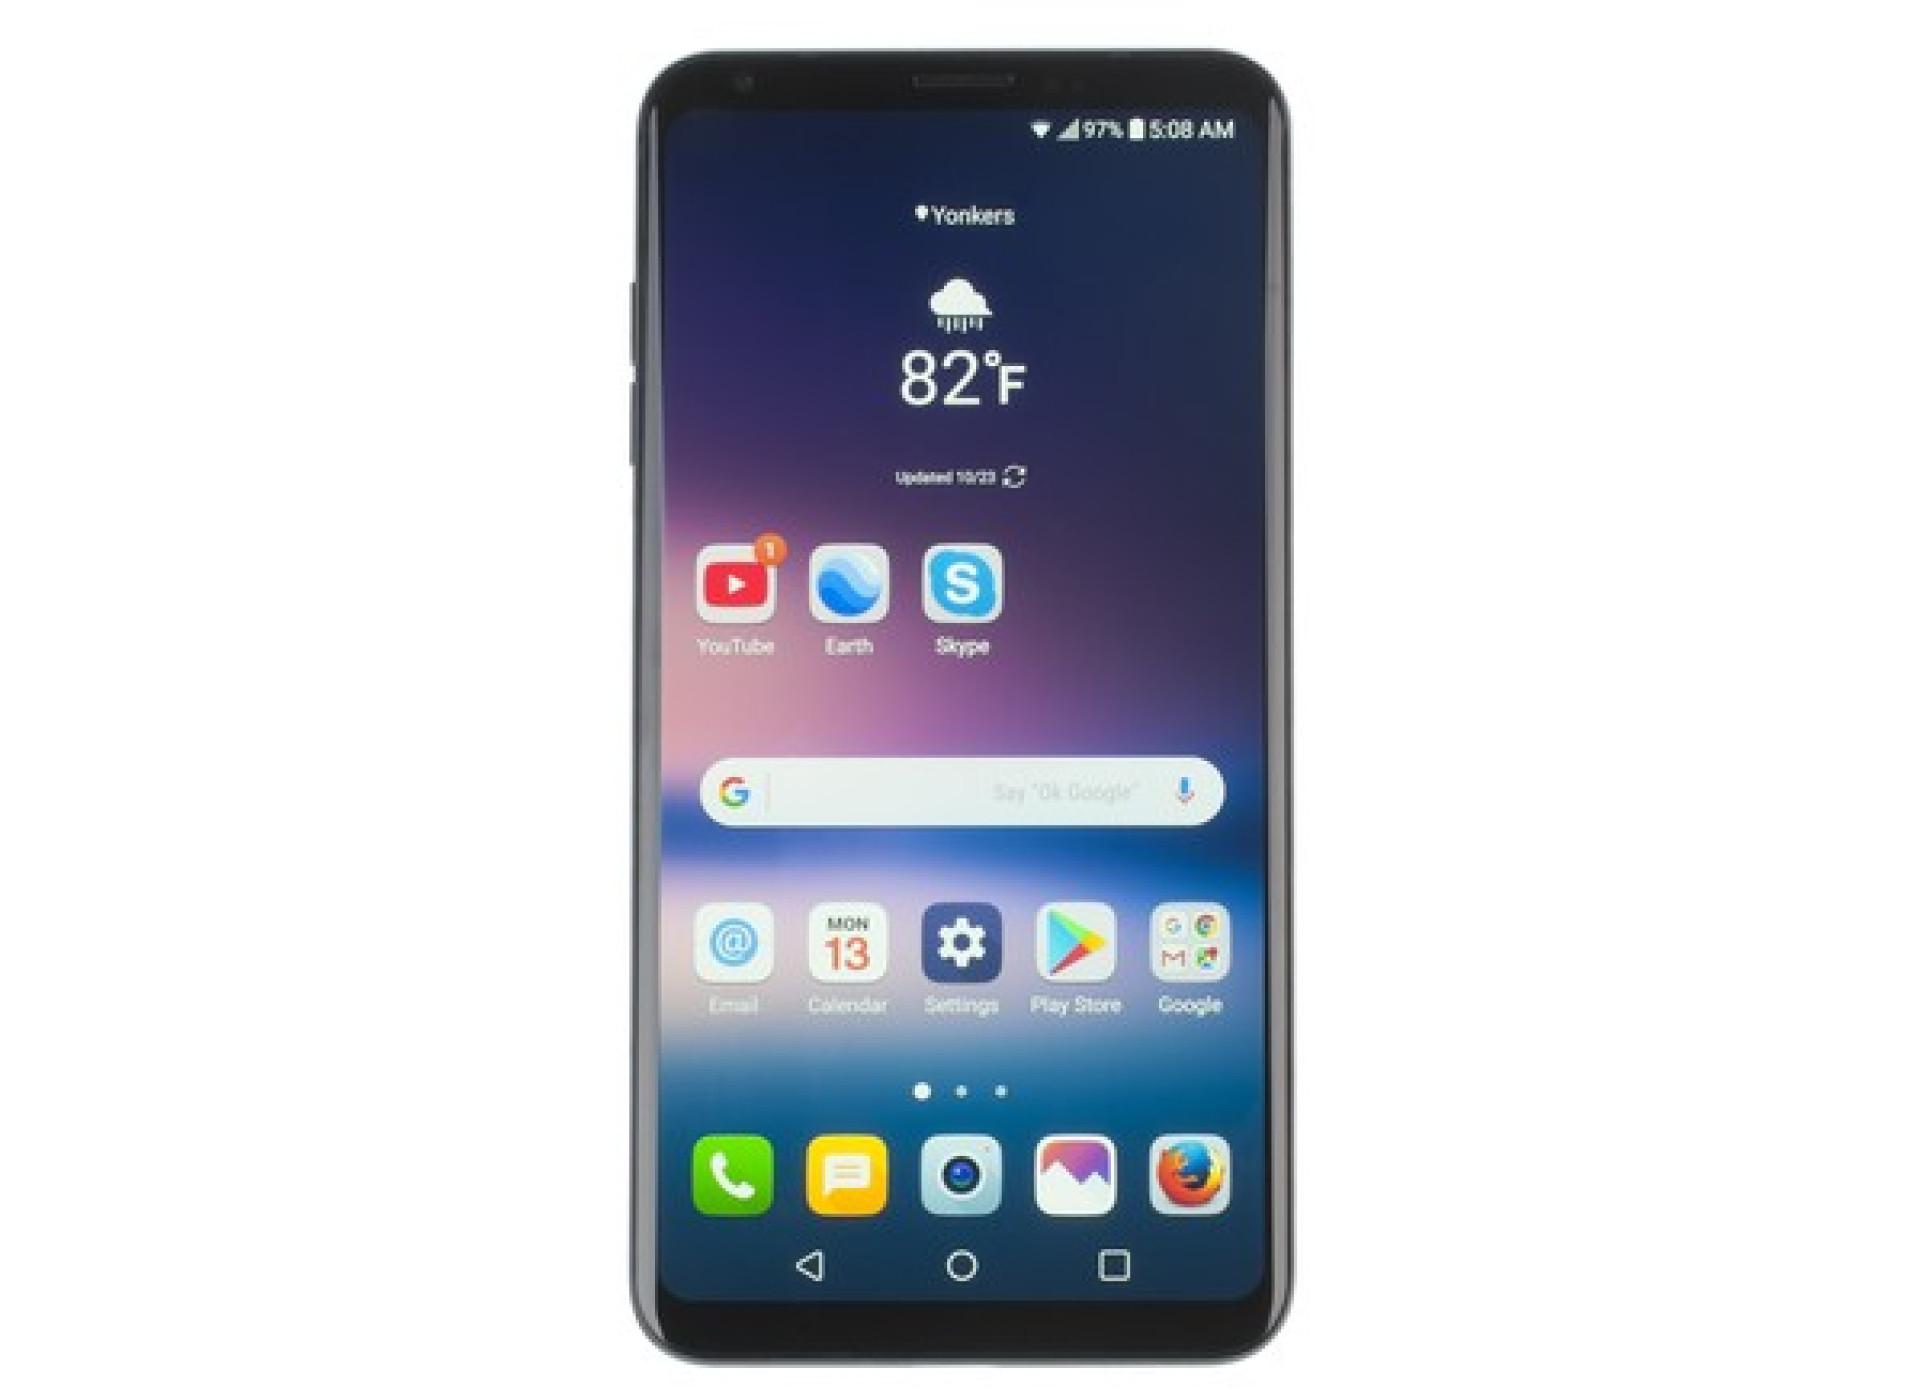 Eis 5 smartphones que deve considerar (que não são da Samsung ou Apple)